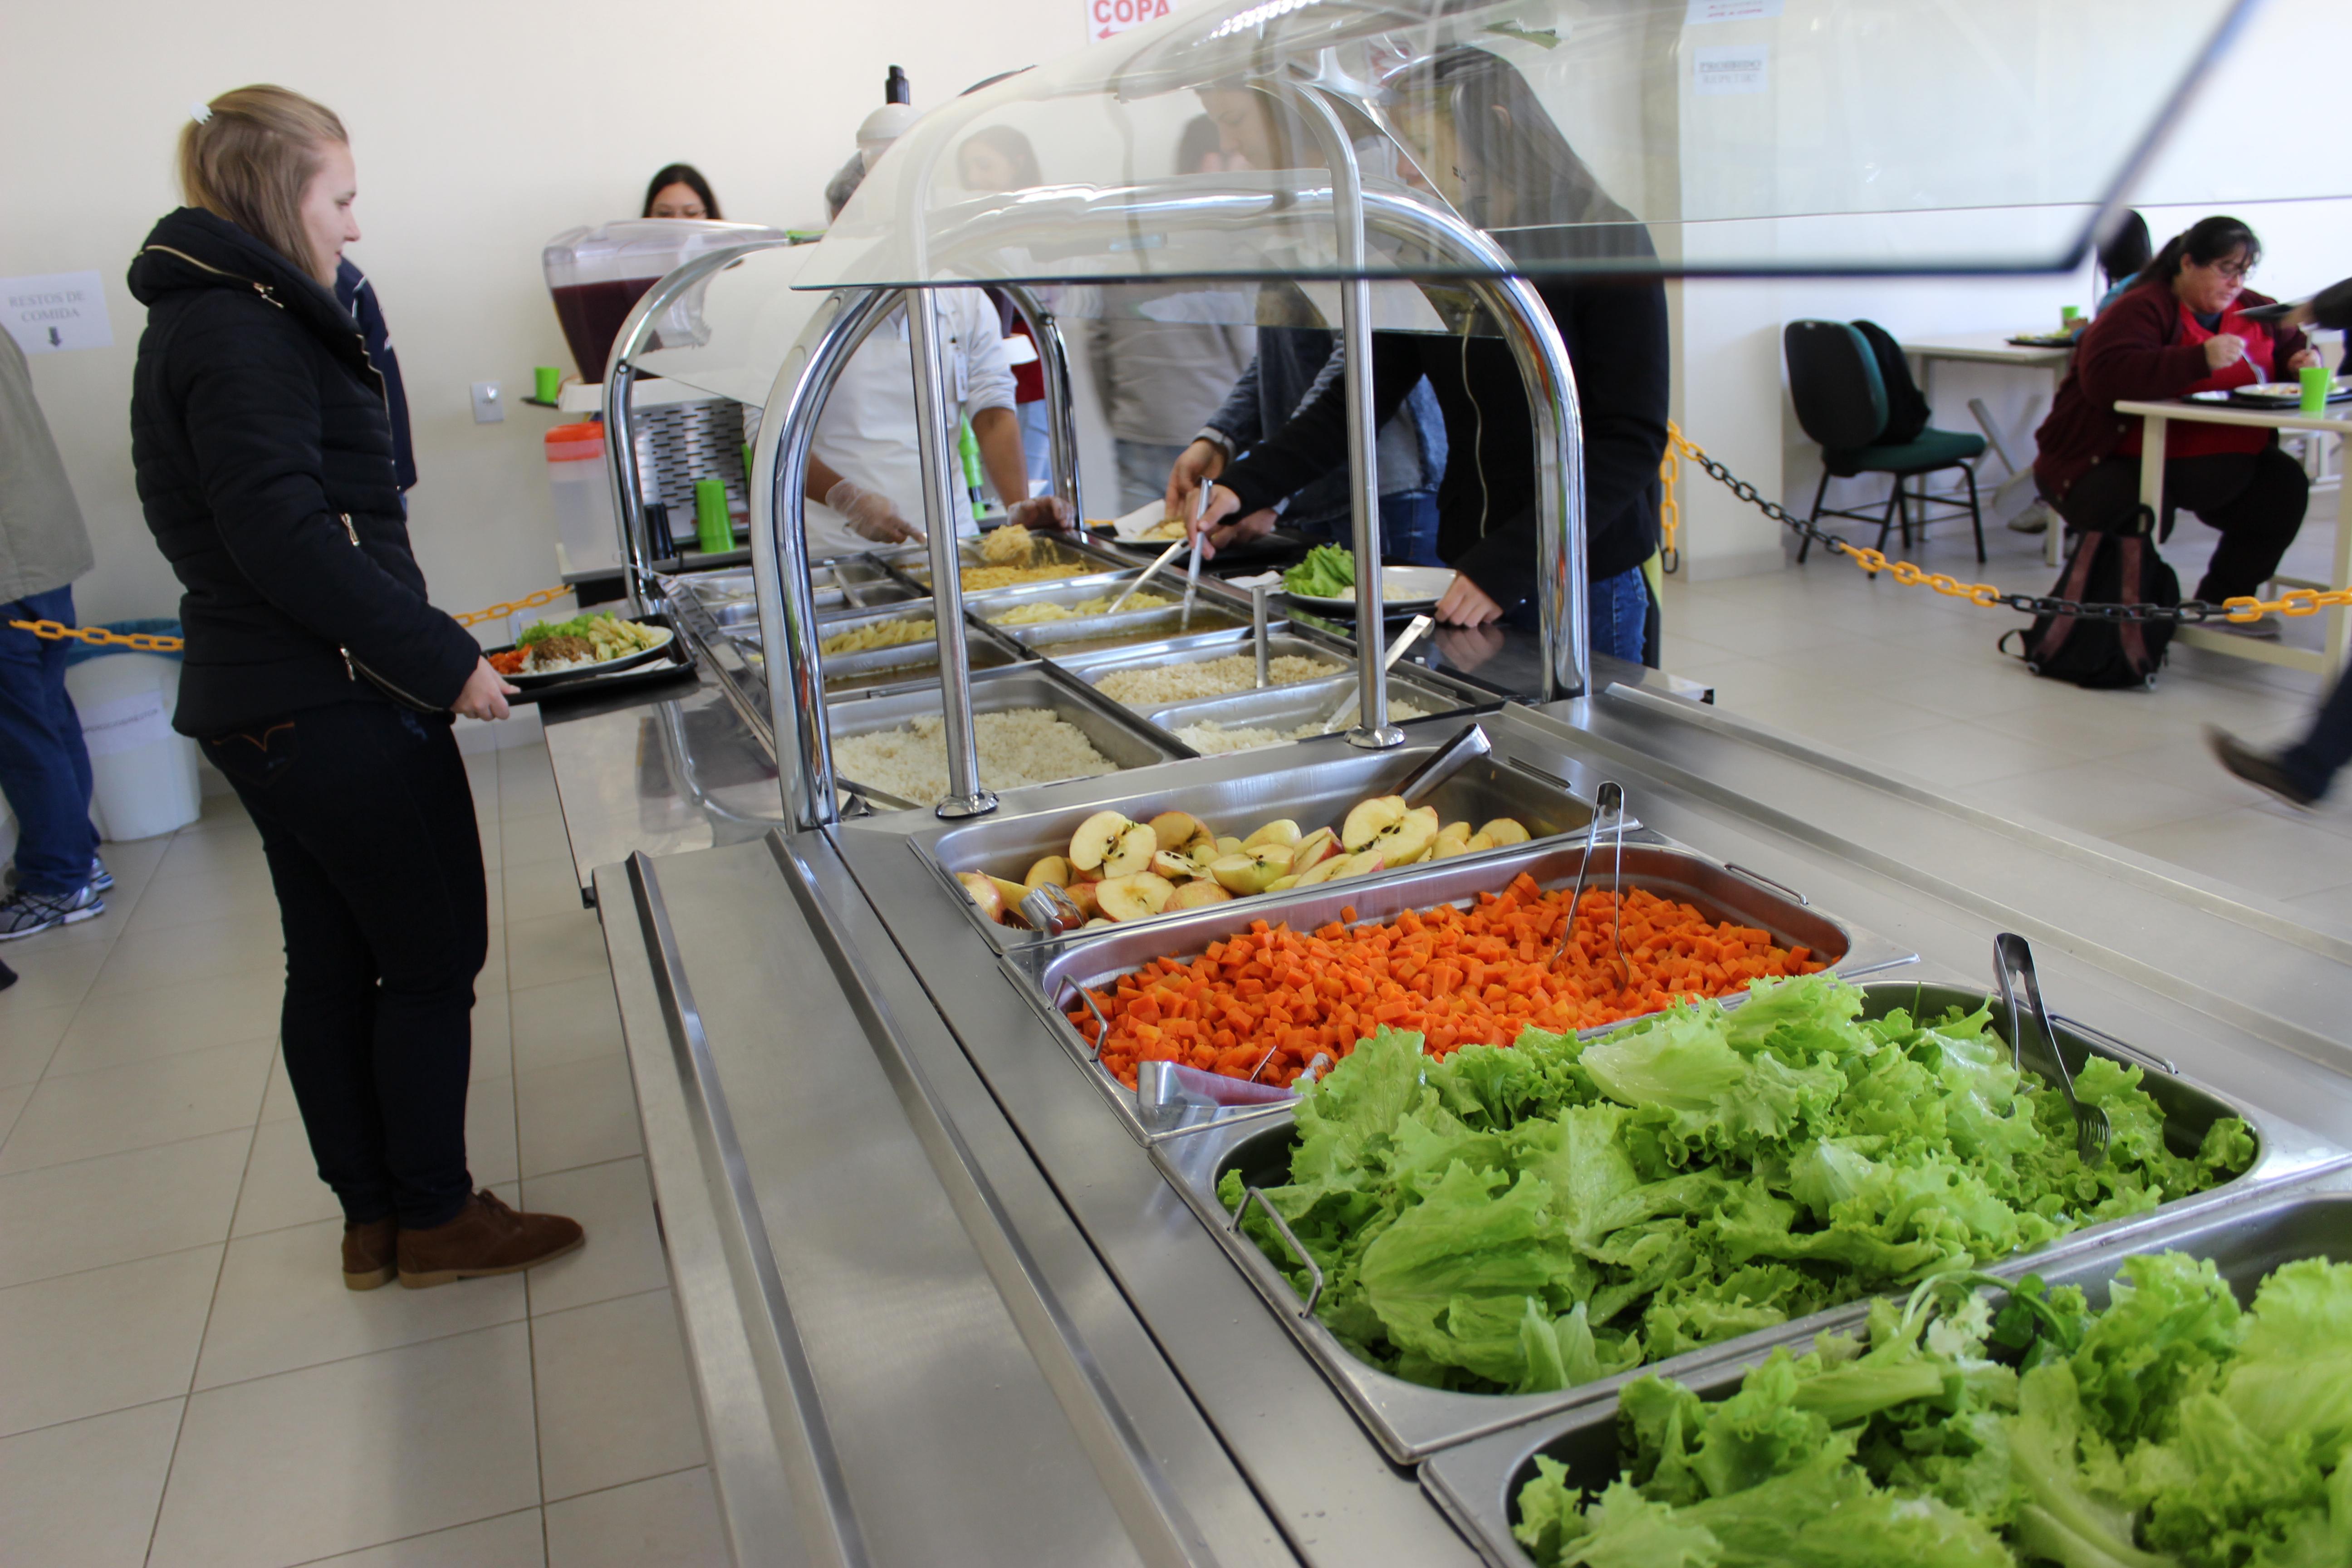 Balcão com bufê de alimentos dispostos para serem servidos.